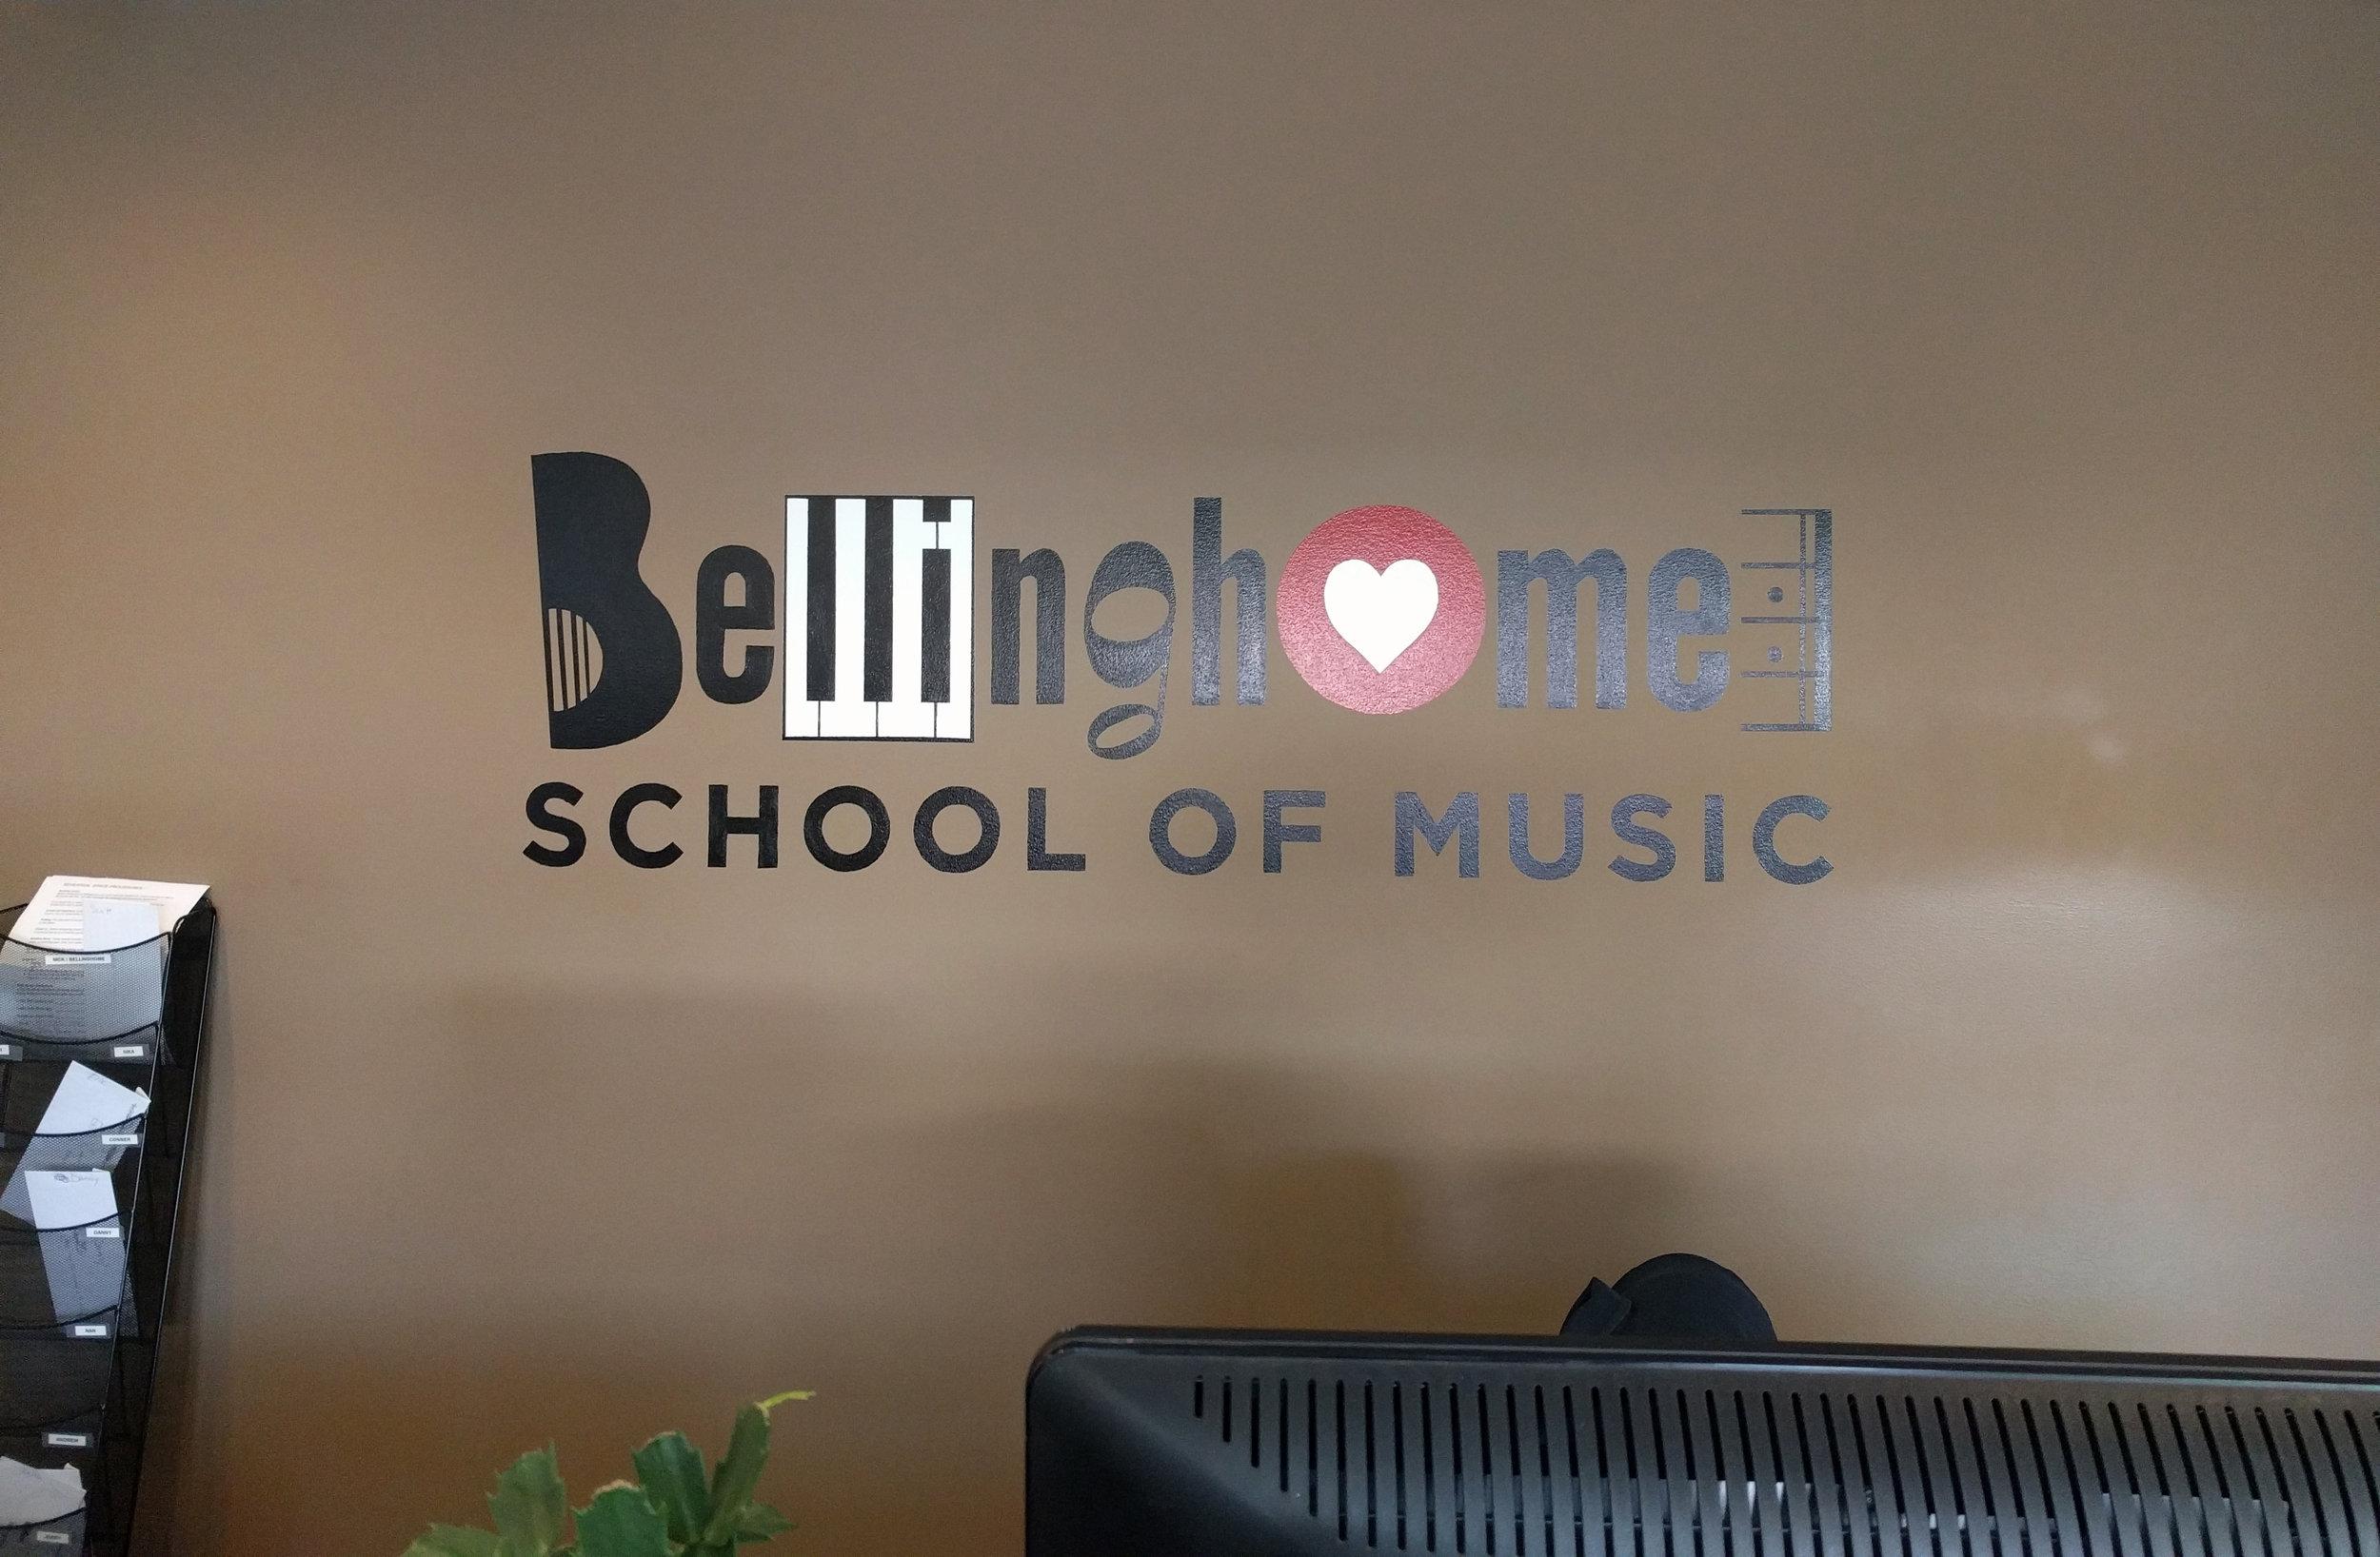 bellinghome logo.jpg